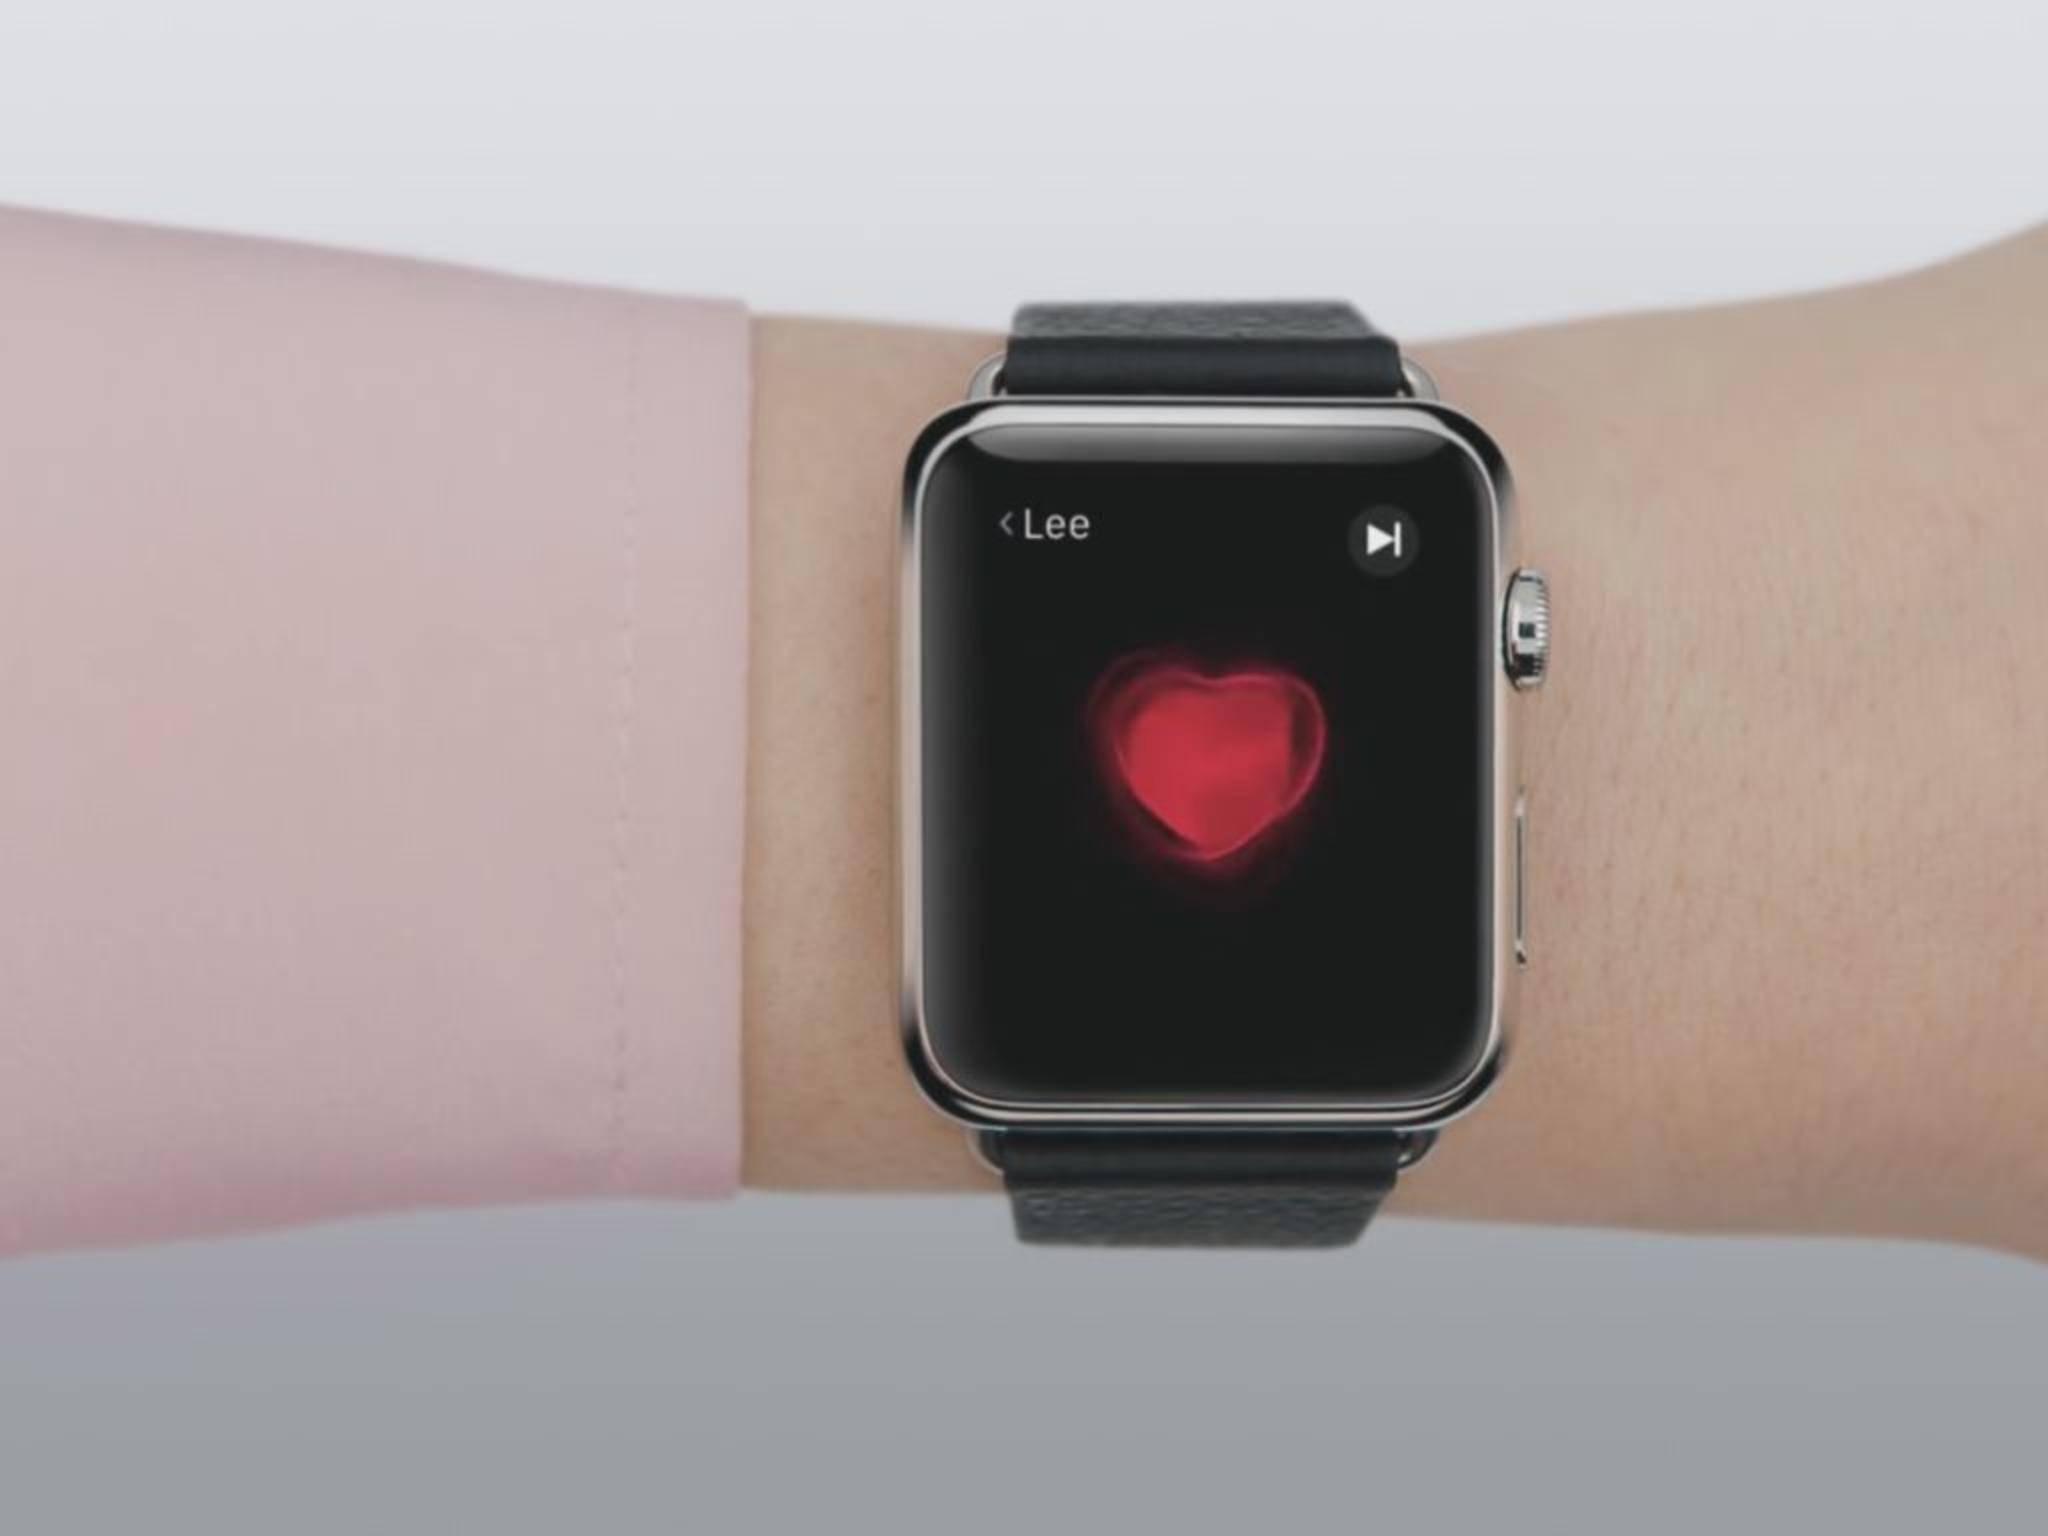 Mit einer überraschend hohen Genauigkeit kann die Apple Watch in Kombination mit der Cardiogram-App Herzrhythmusstörungen erkennen.